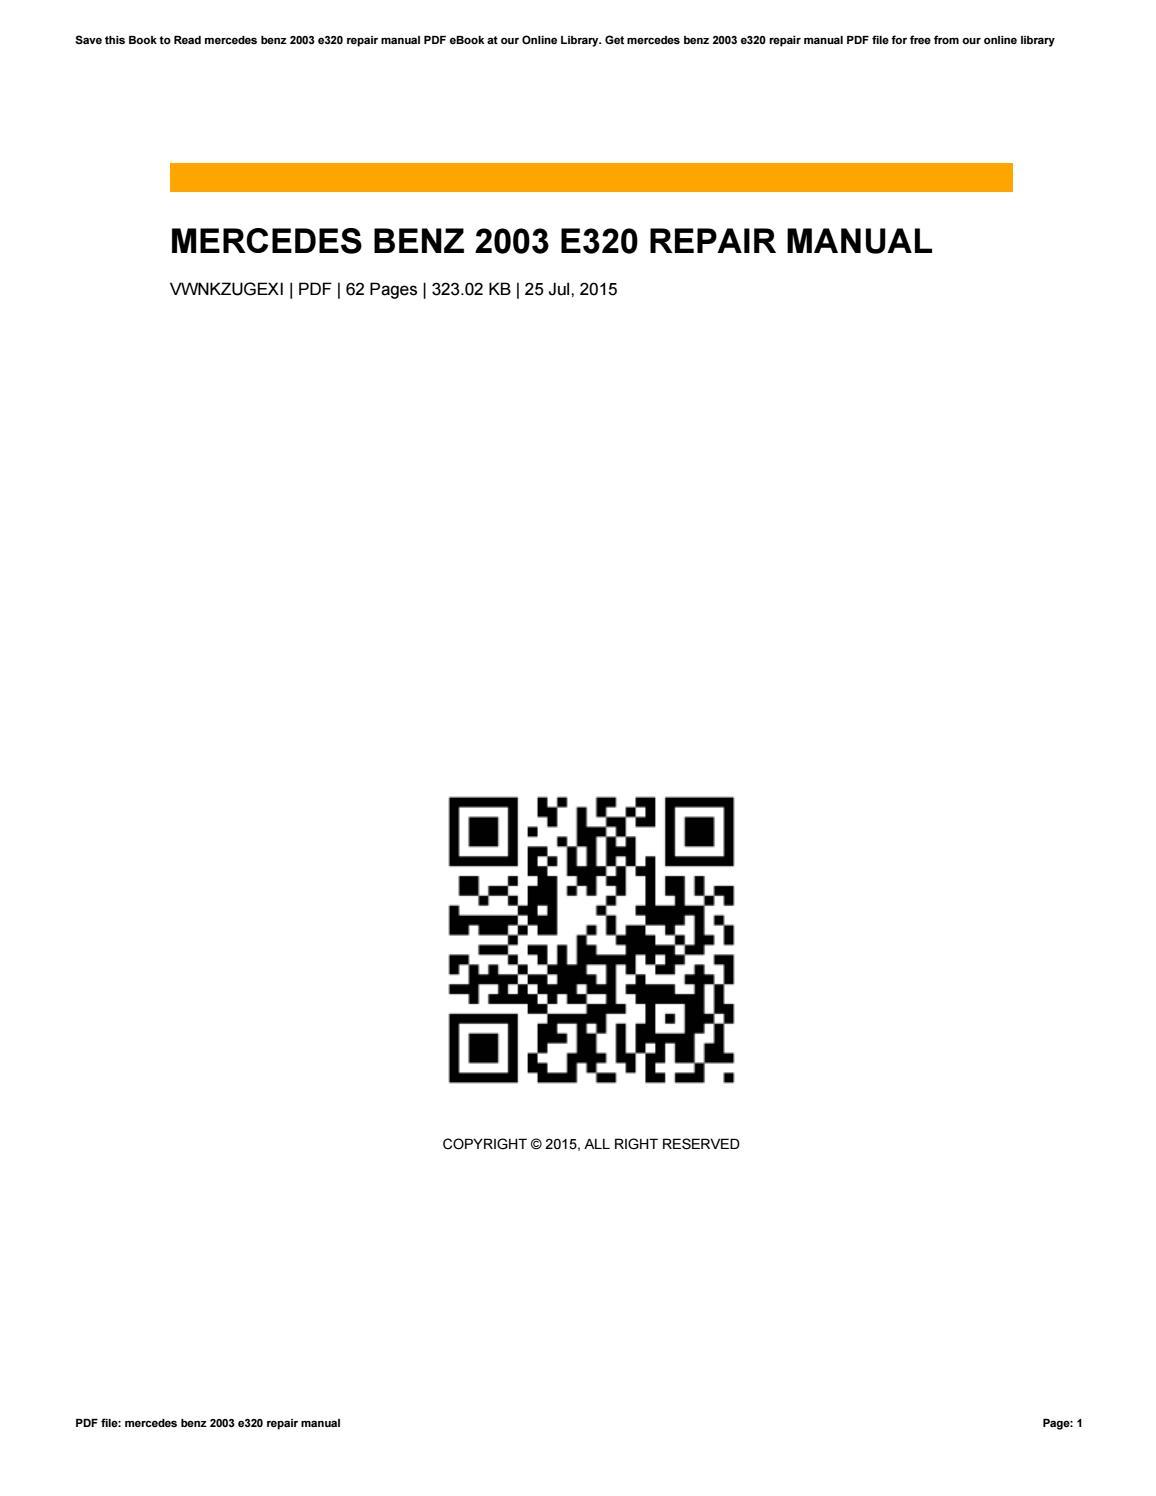 Mercedes benz e320 repair manual, service manual online 1994, 1995.